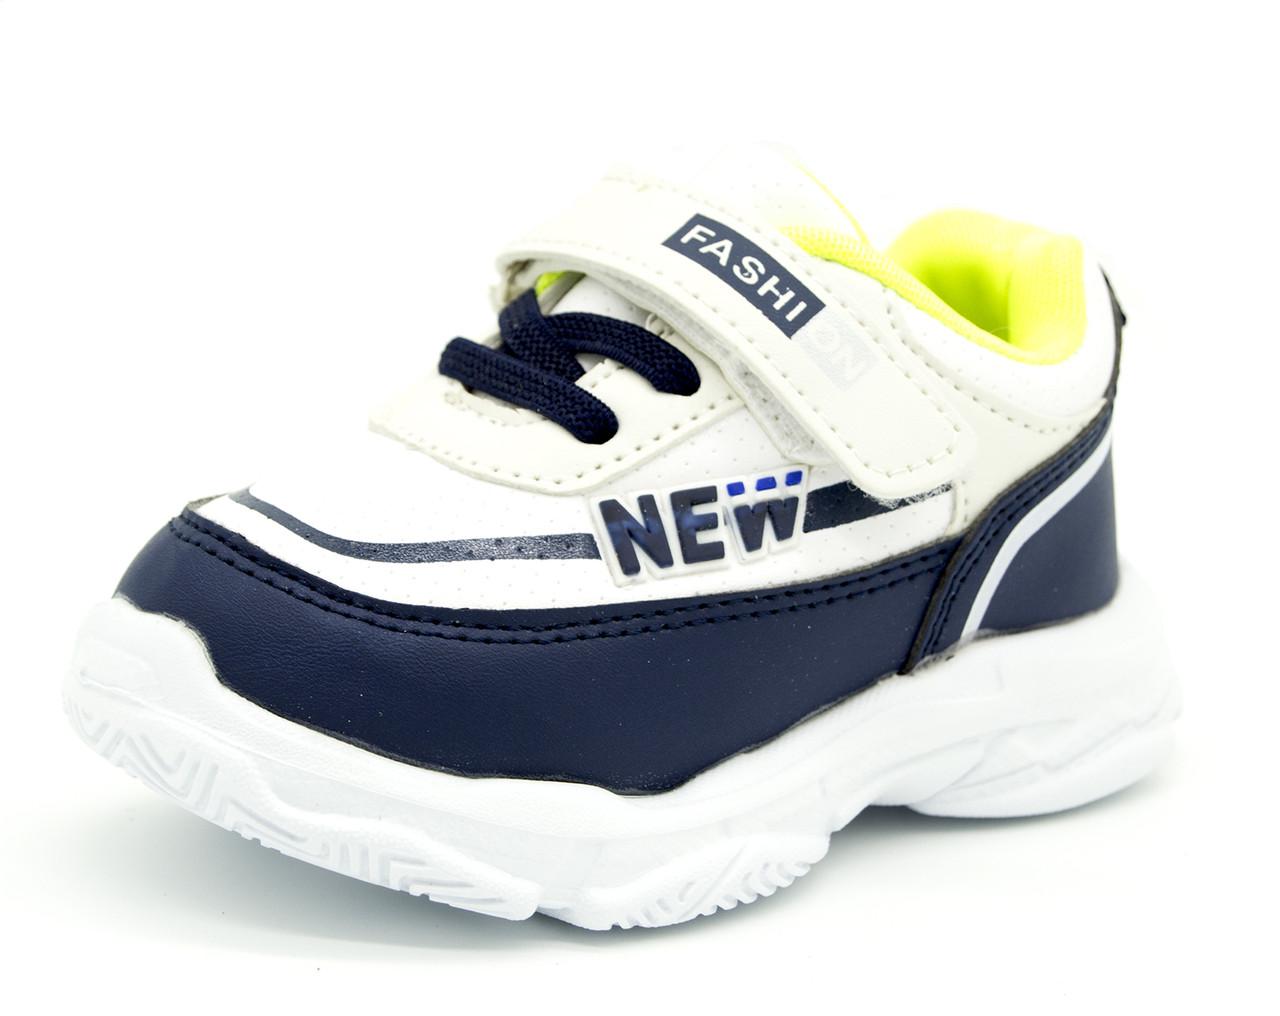 Кроссовки для мальчика Бело-черные Размеры: 24